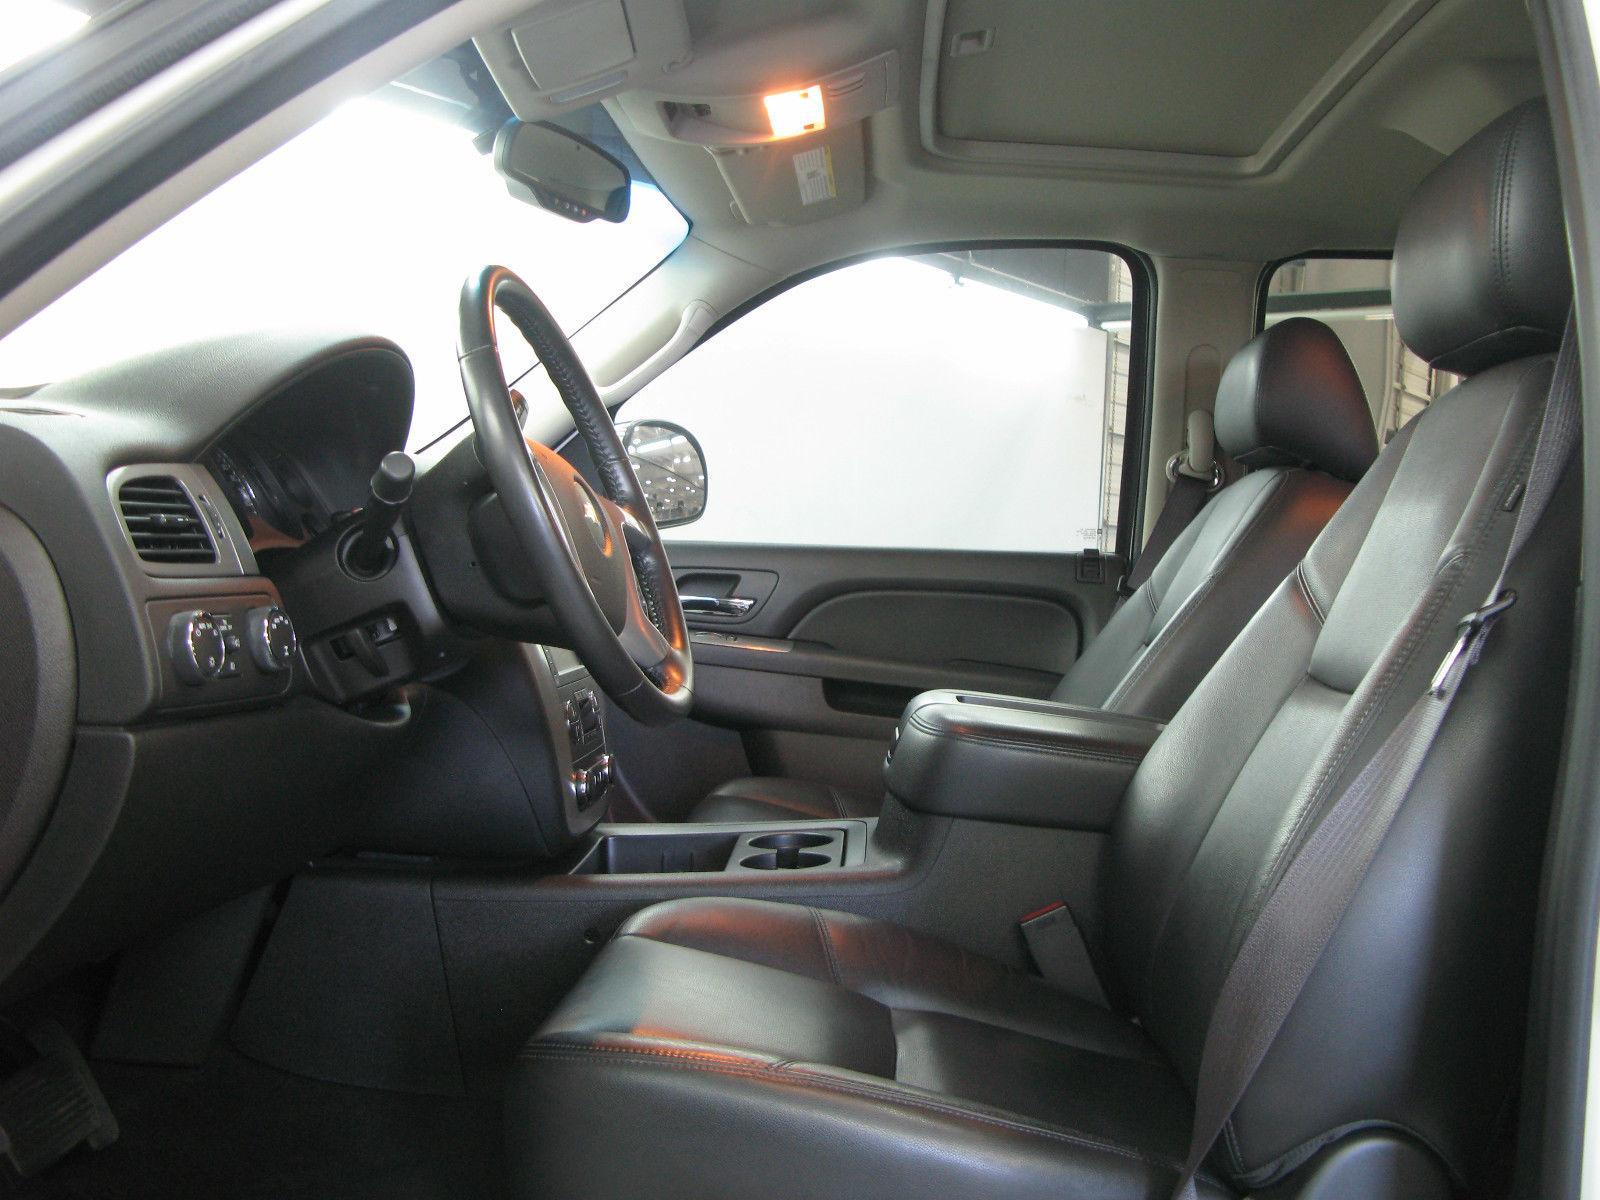 2013 Chevrolet Silverado 1500 4WD LTZ Crew Cab 4 Door 6.2L Lifted